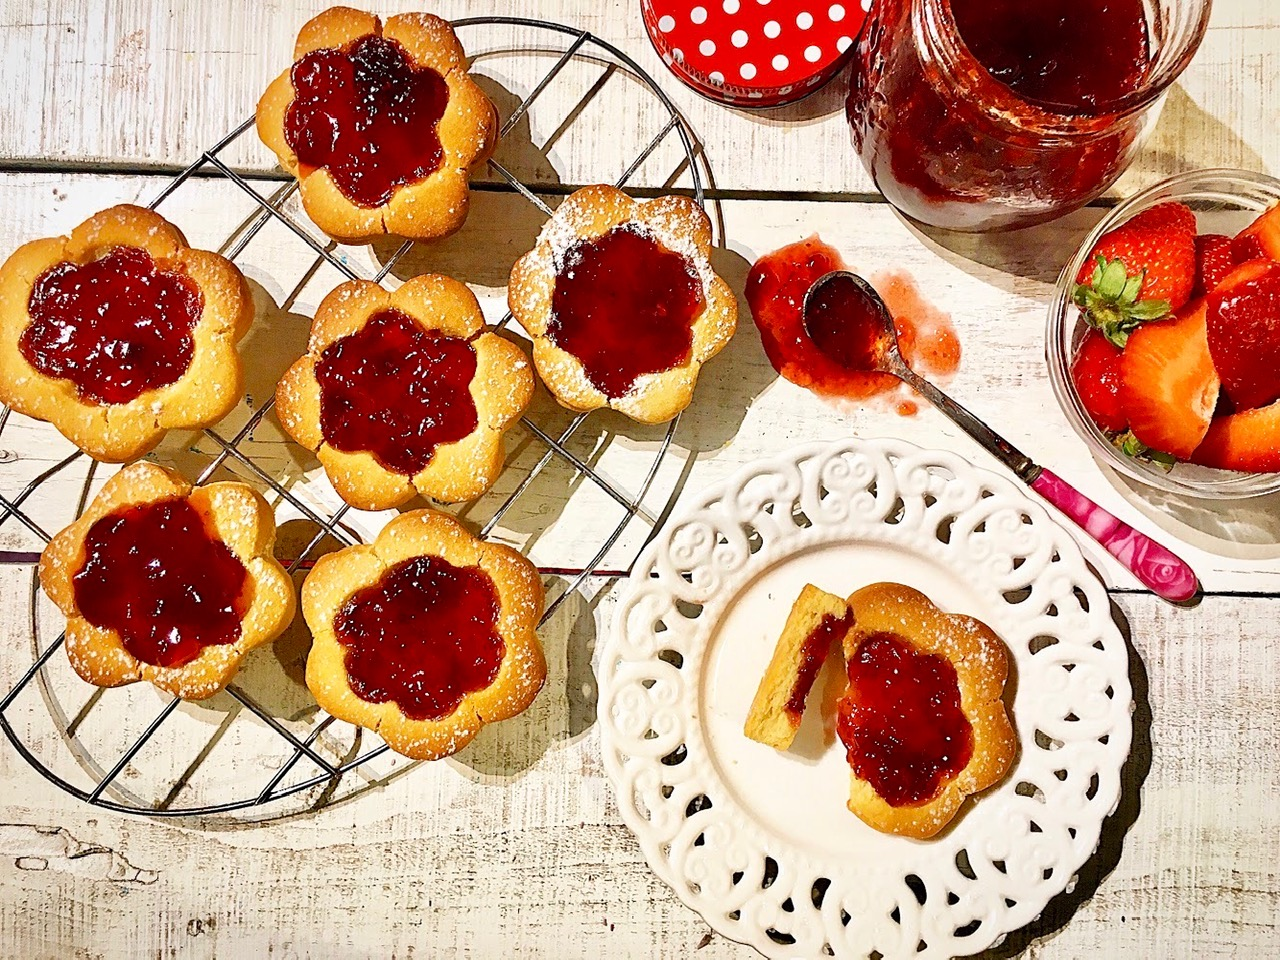 Μπισκότα με μαρμελάδα φράουλα